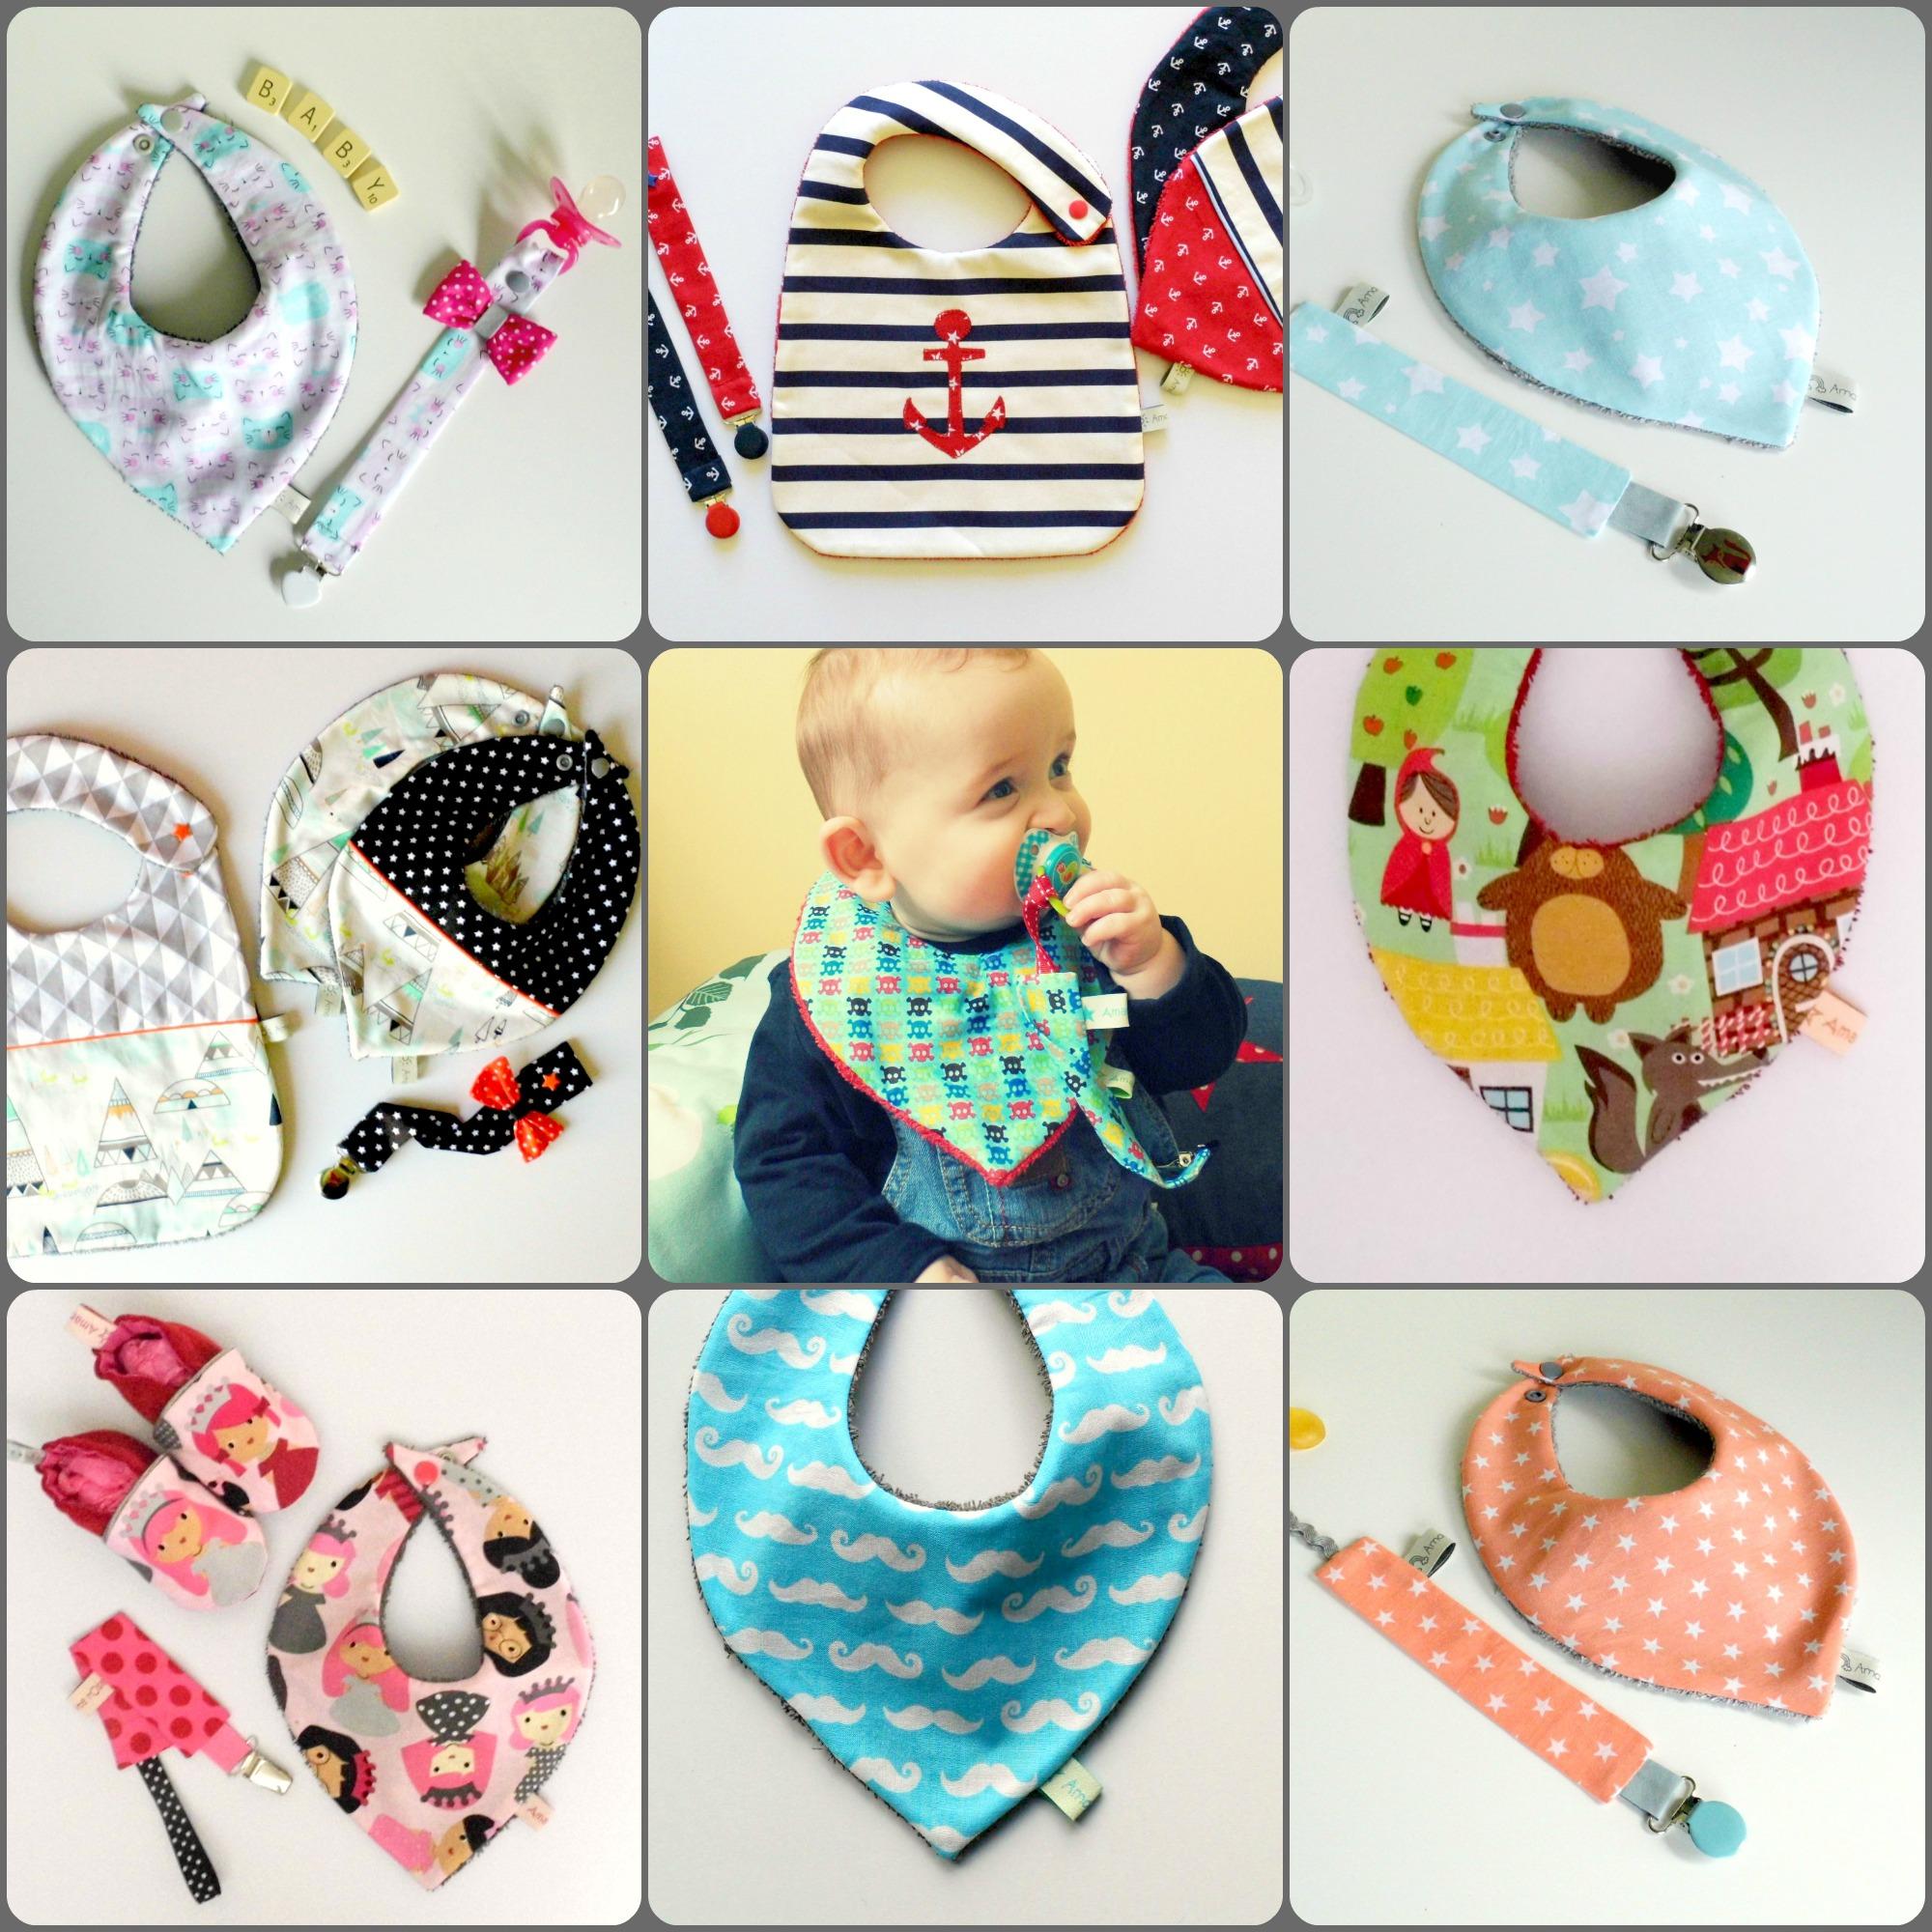 b8e0f62cf4c Bavoir bandana personnalisable couleurs et motifs bébé fille garçon